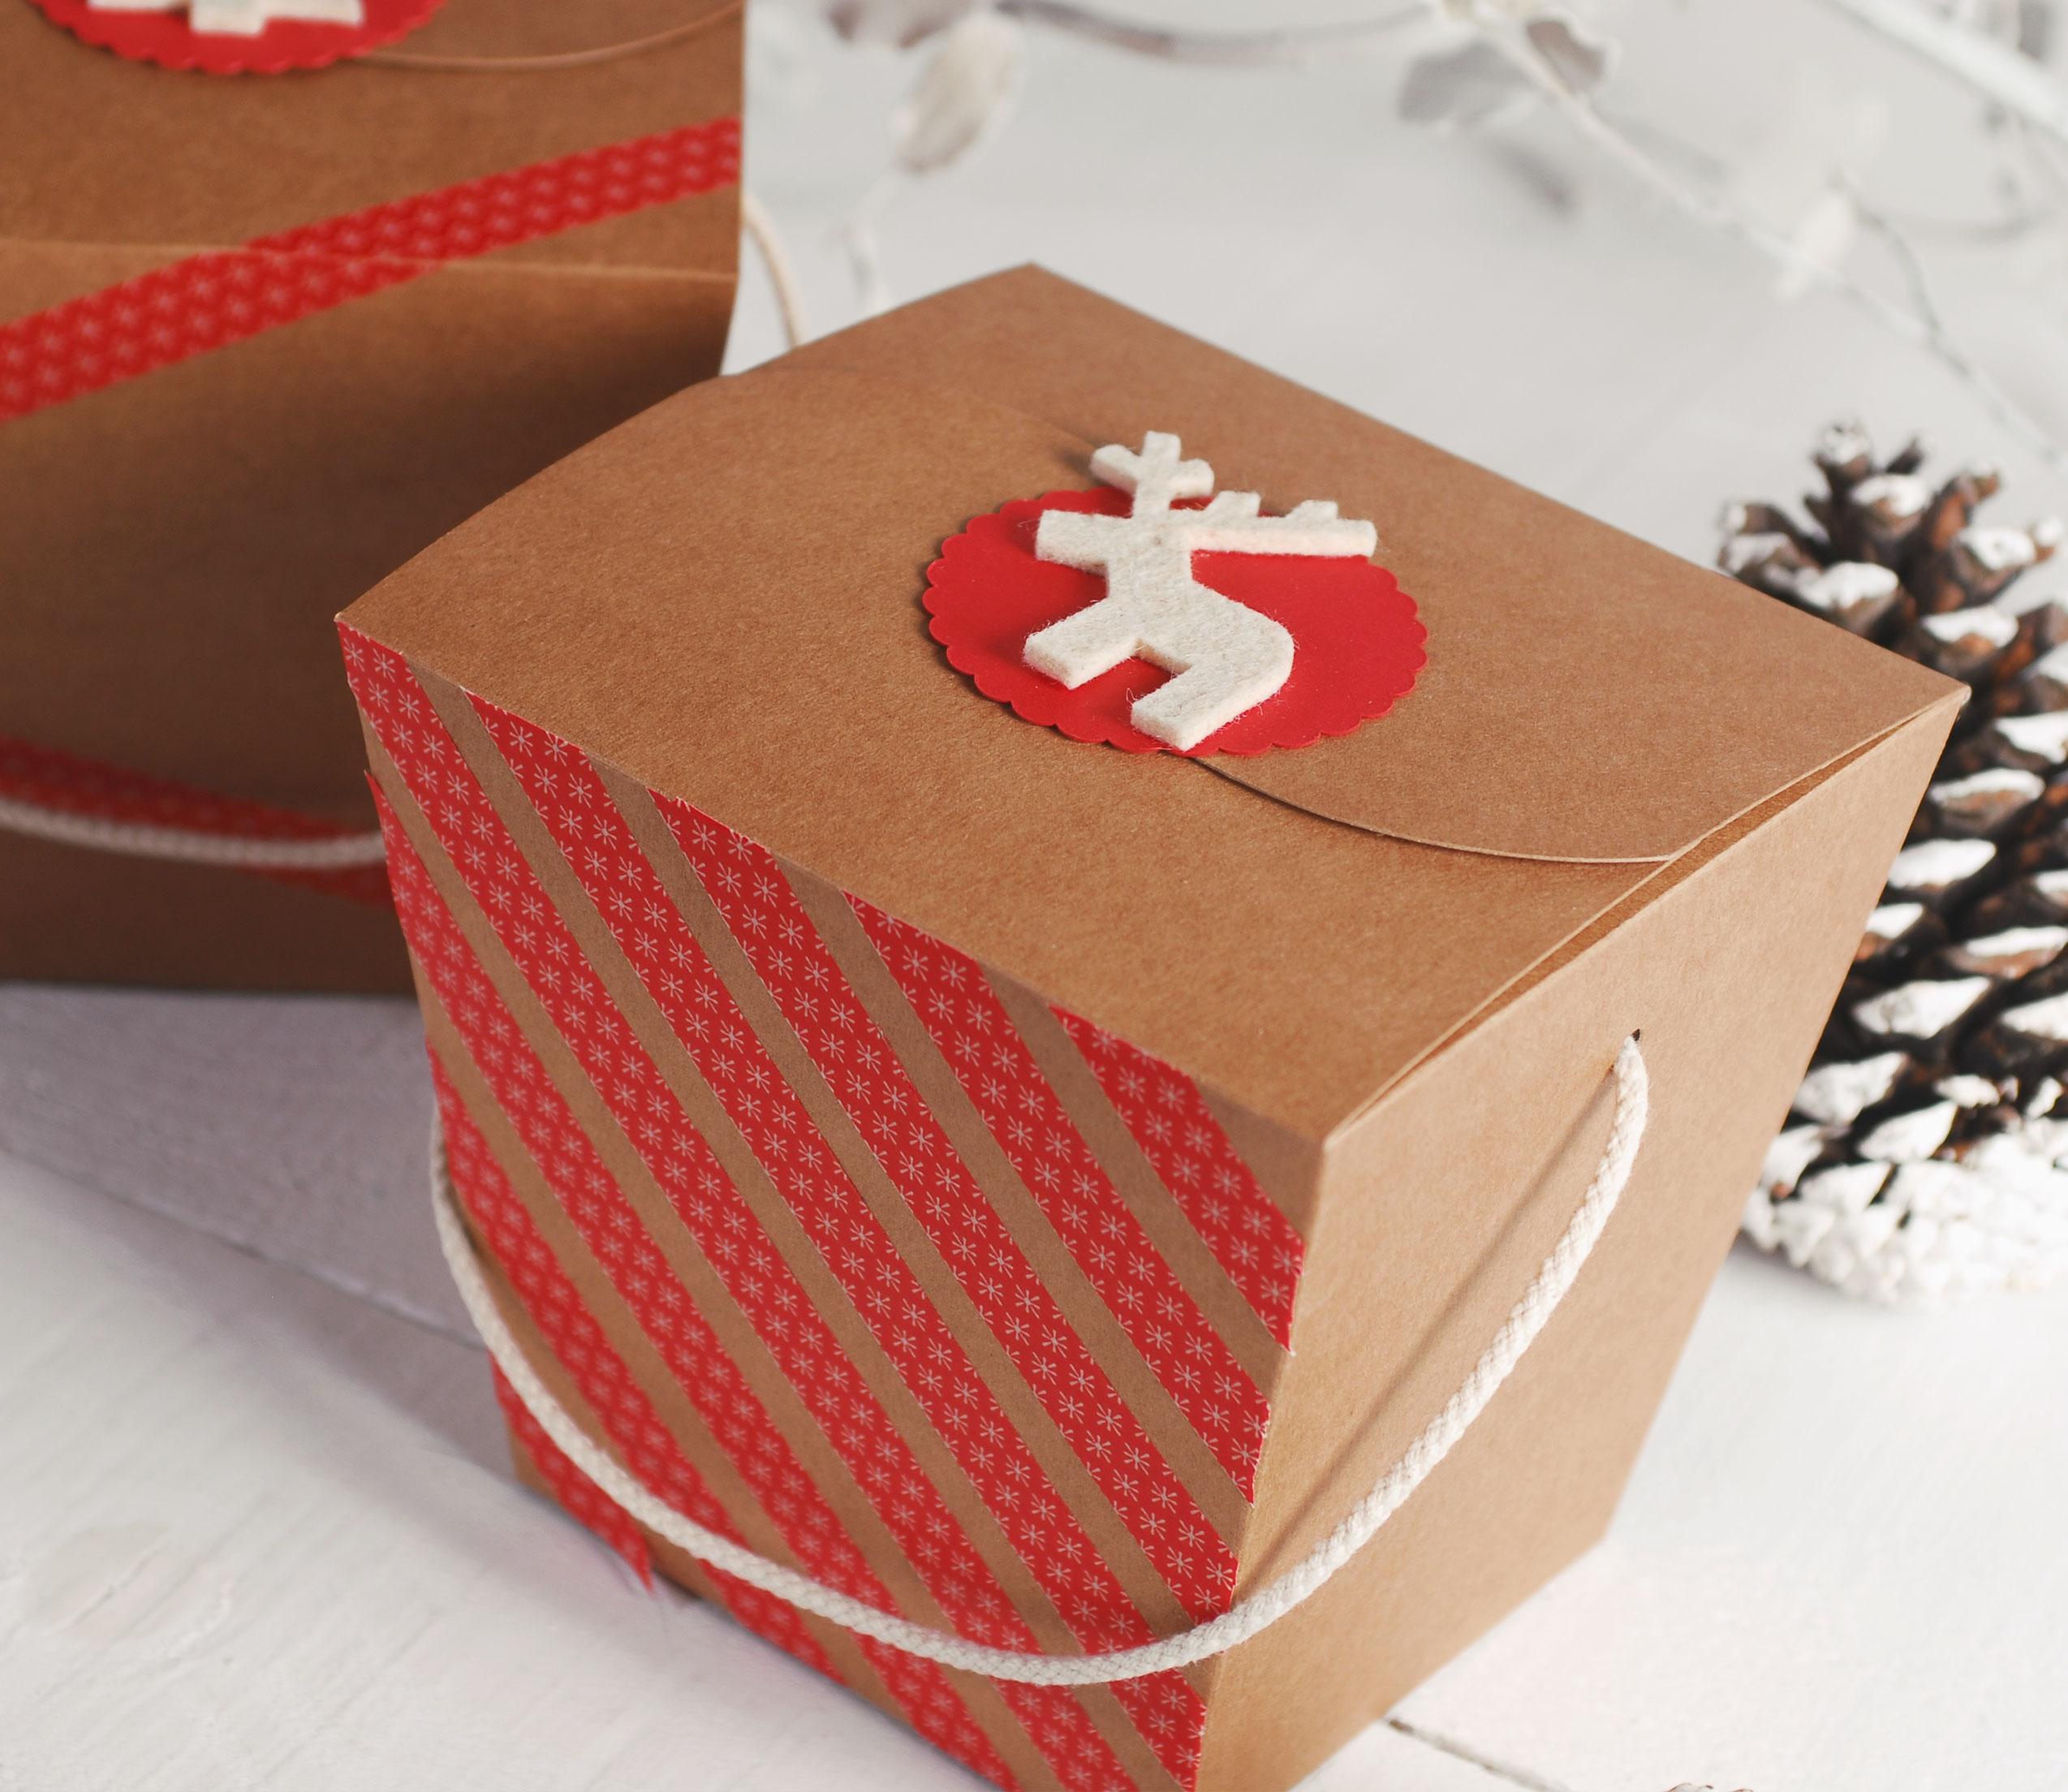 Scatole Per Regali Di Natale.Scatola Da Spaghetti Per Regali Di Natale Selfpackaging